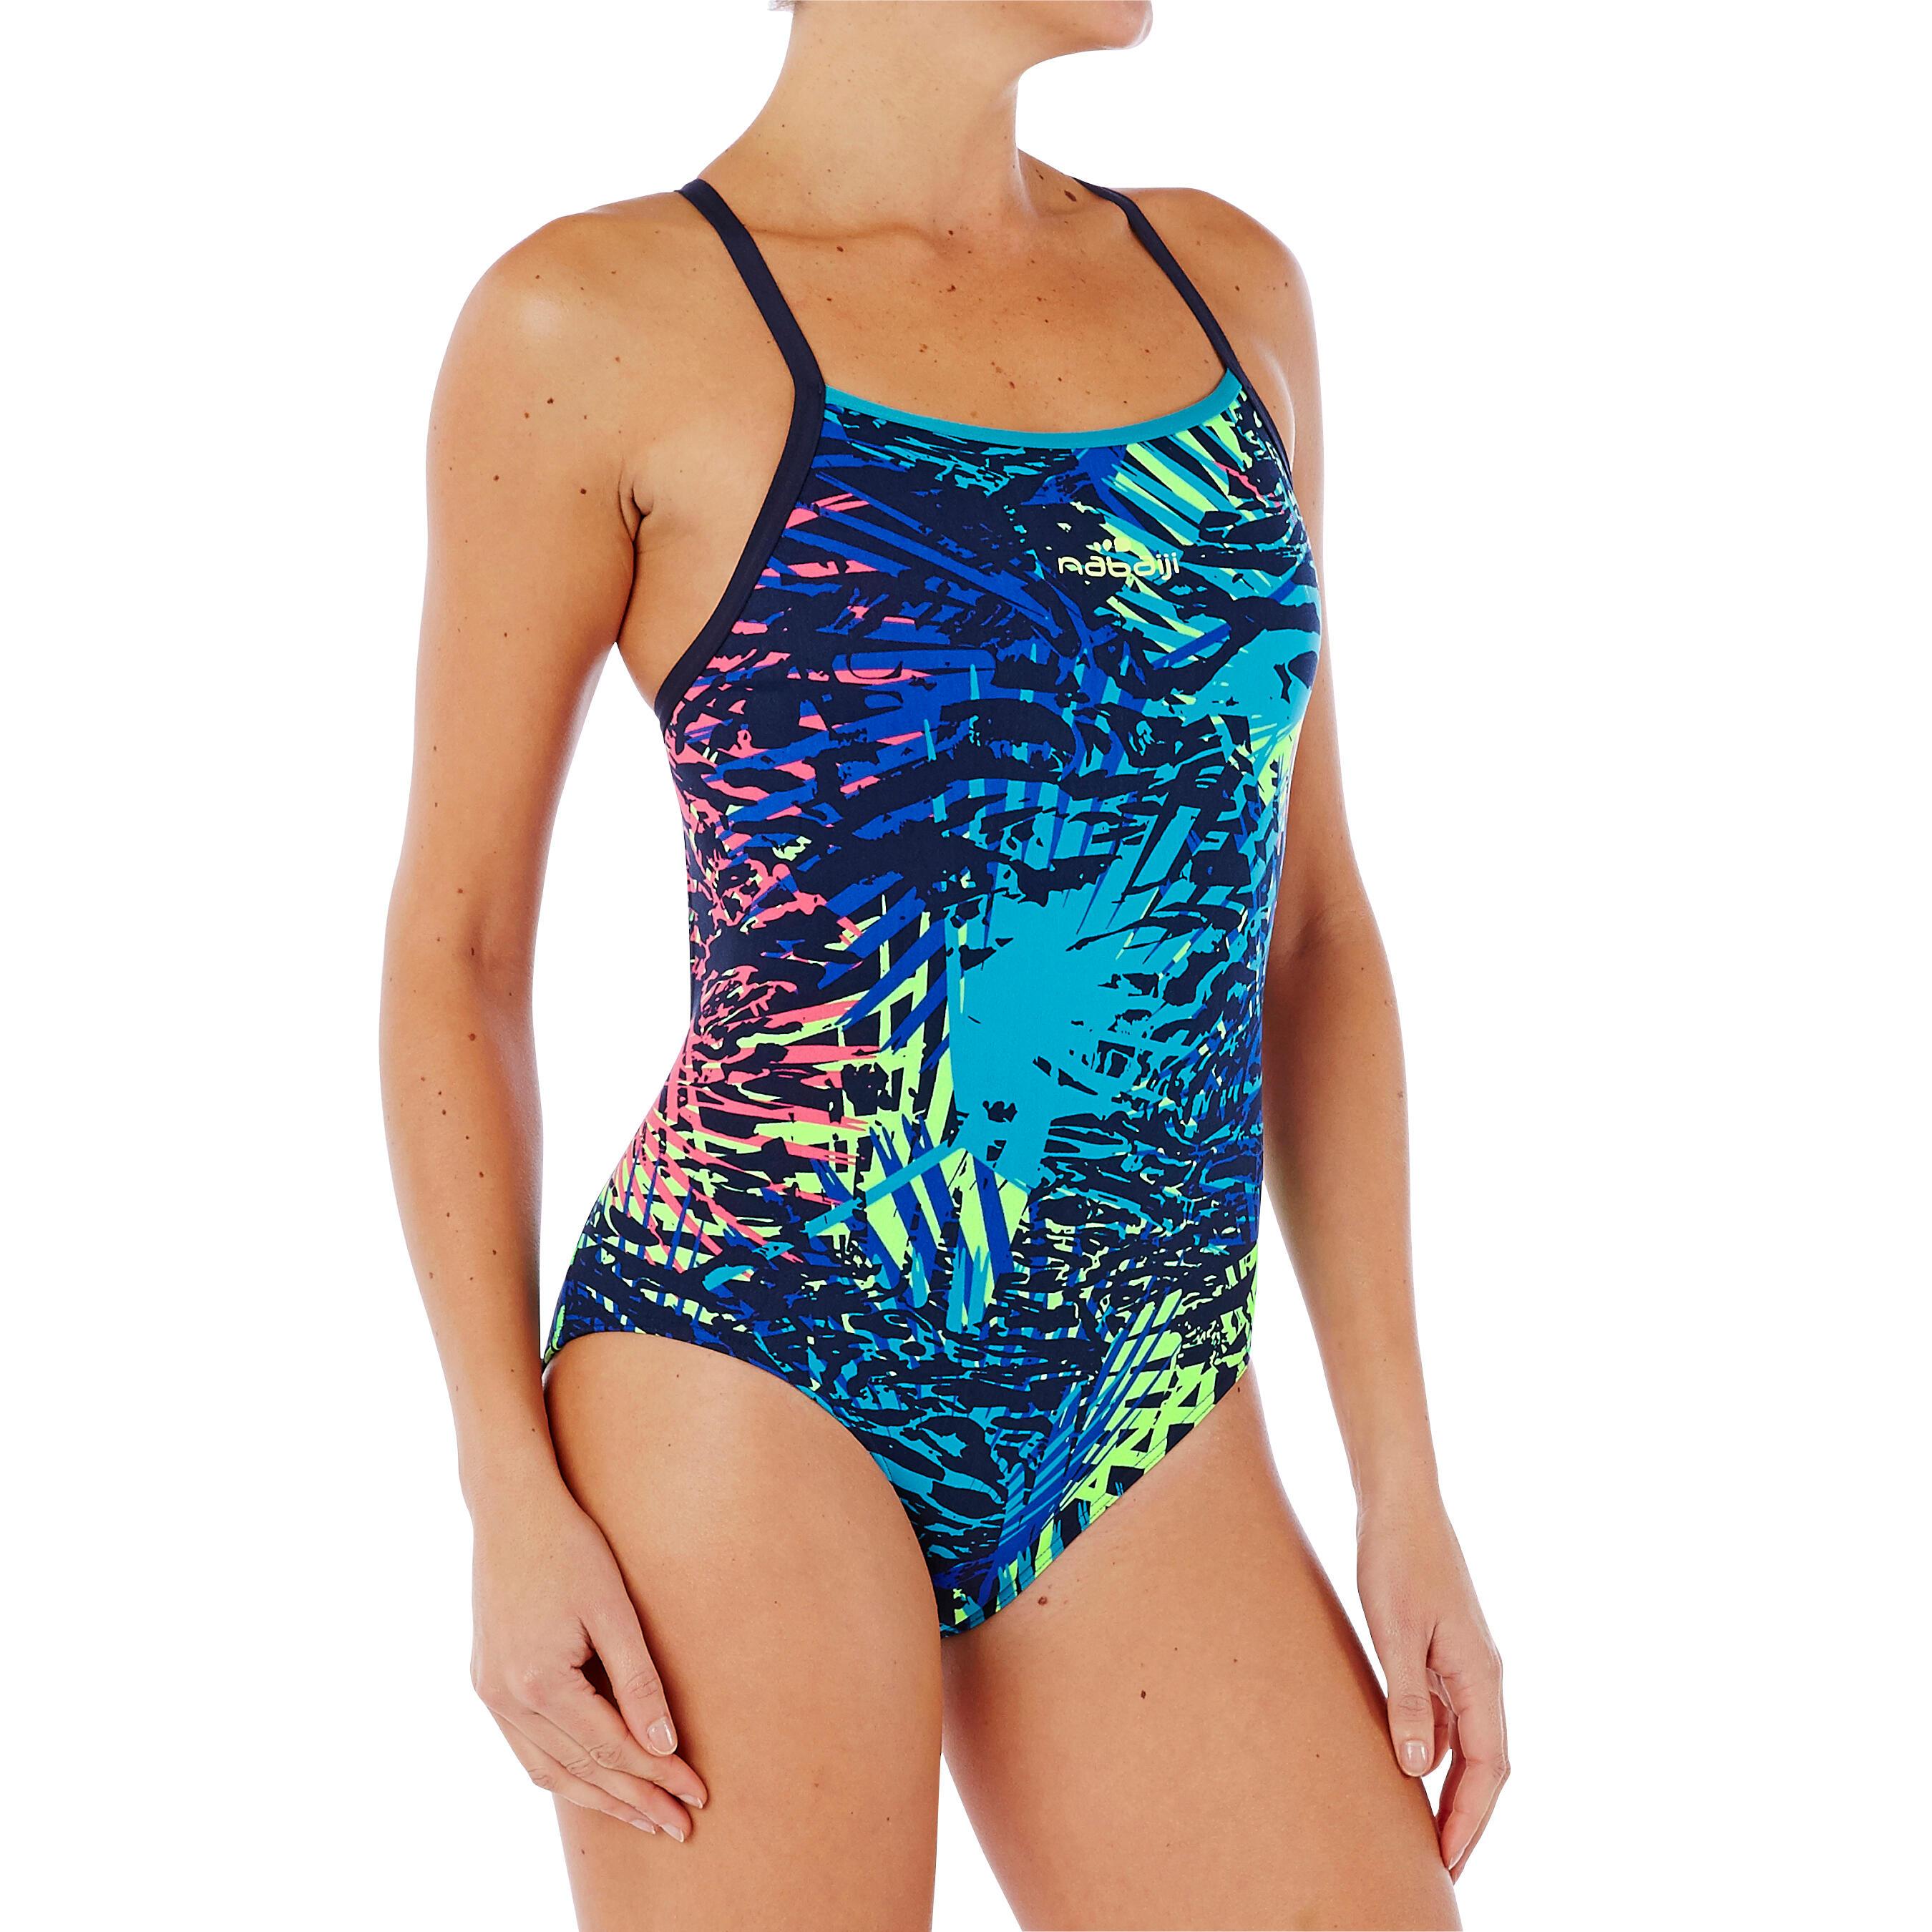 Maillot de bain de natation une pièce femme résistant au chlore Jade bleu